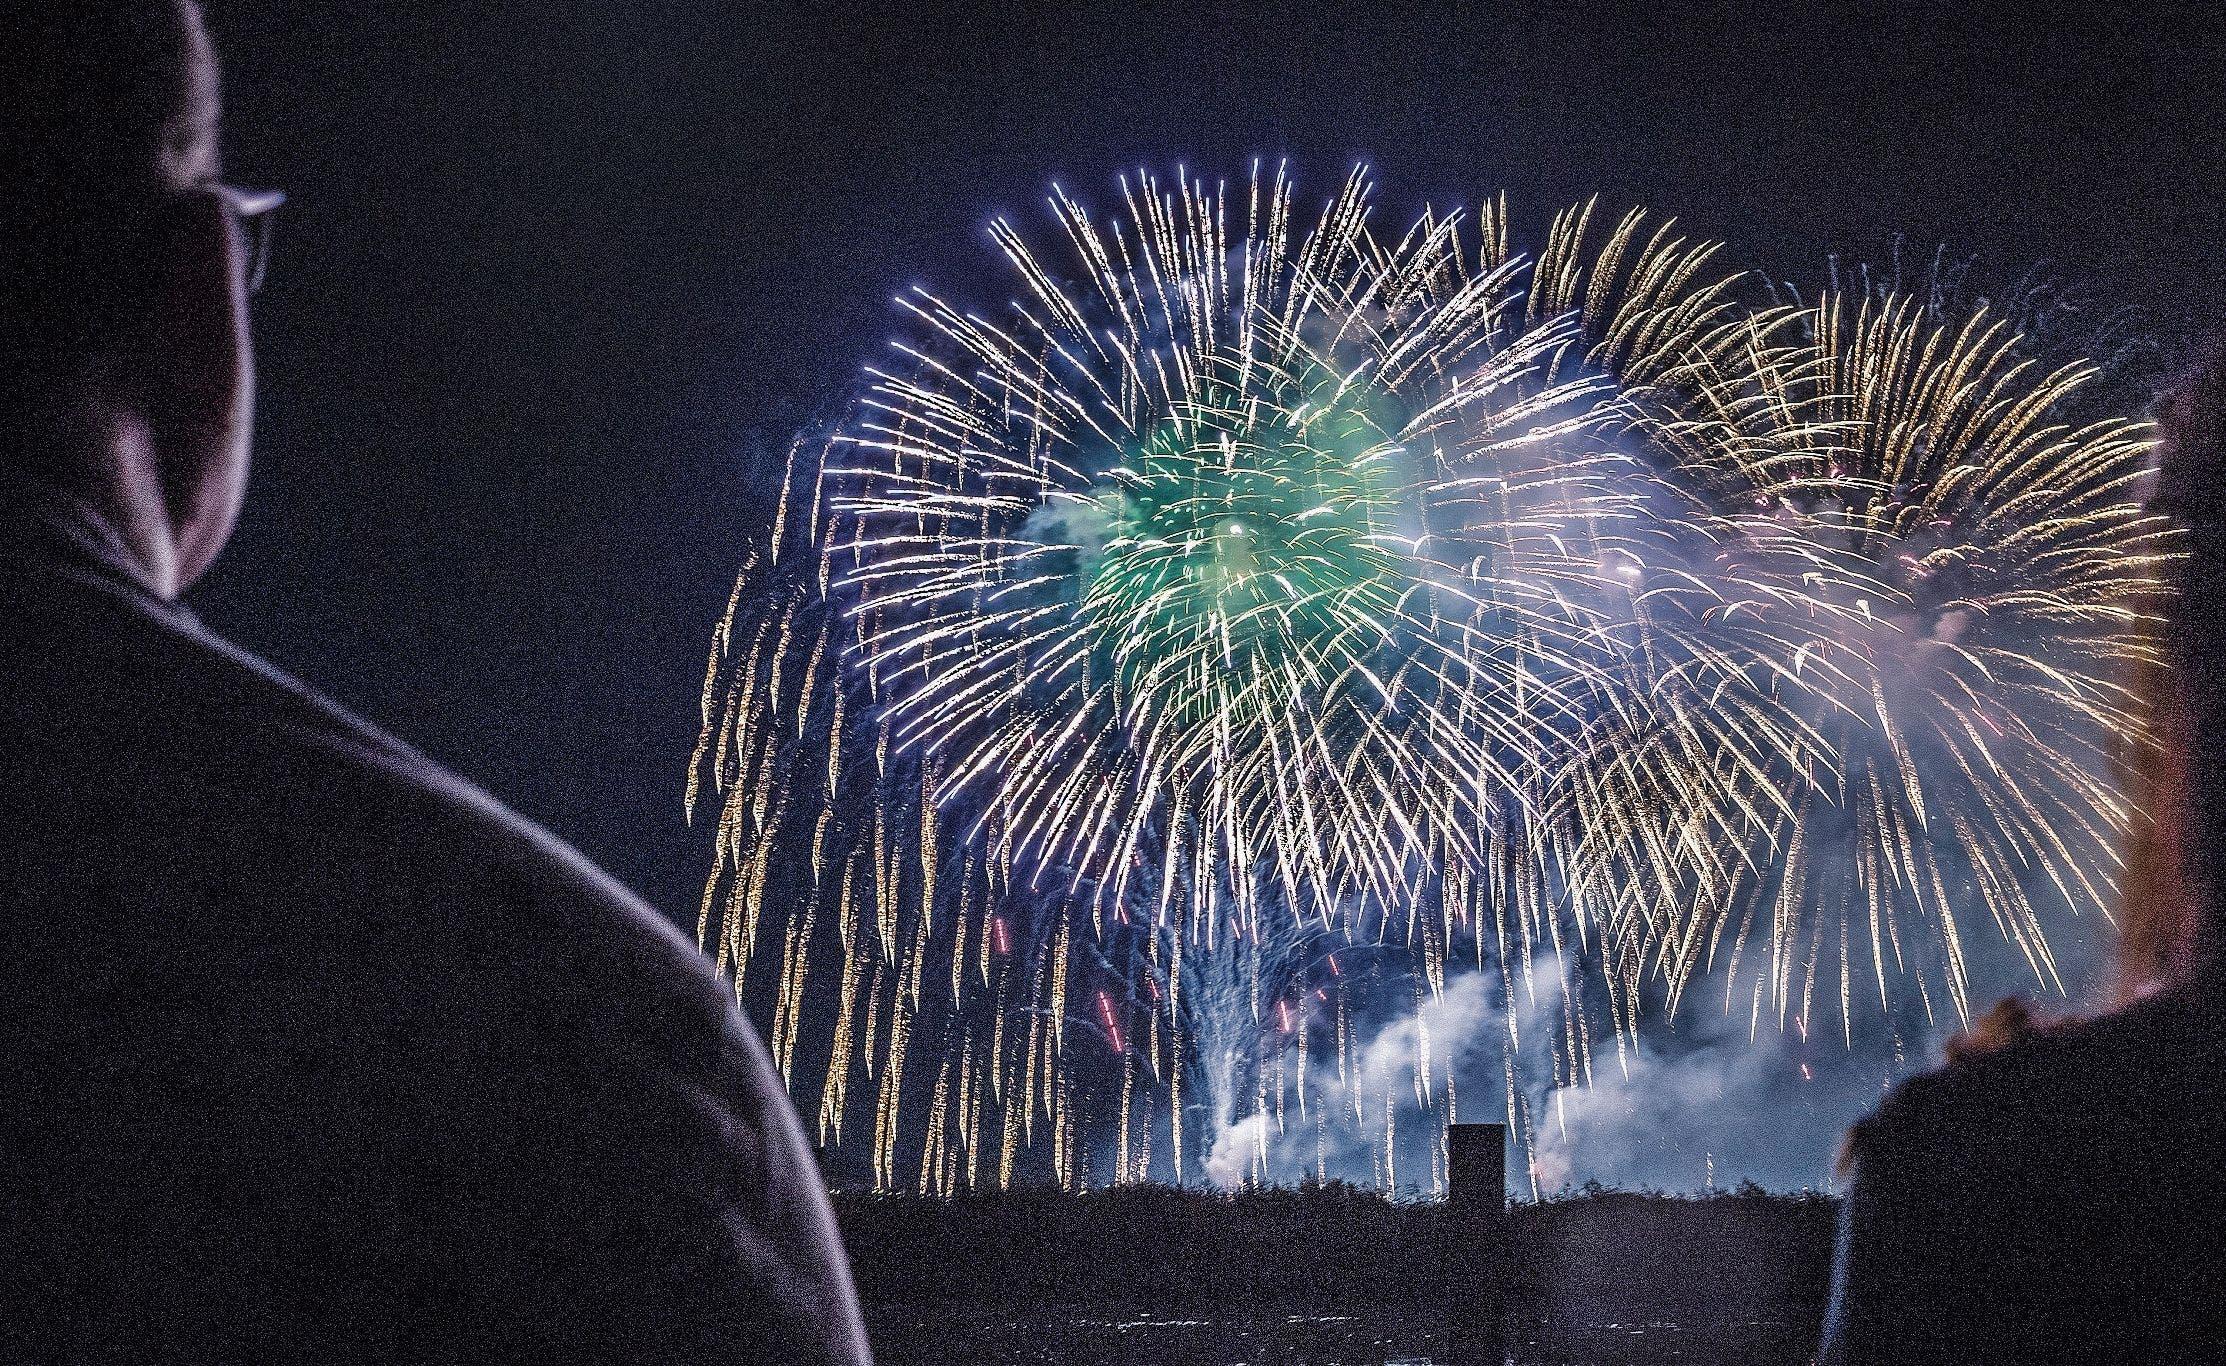 Das Abbrennen von Feuerwerk ist in der Stadt Wil nur in der Nacht von Silvester auf Neujahr und bei den Feiern zum Bundesfeiertag ohne Bewilligung erlaubt. Knallkörper hingegen dürfen nach dem revidierten Reglement auch an der Fastnacht gezündet werden – vom Gümpeli-Mittwoch bis zum Fastnachts-Dienstag. (Bild: Andrea Stalder)